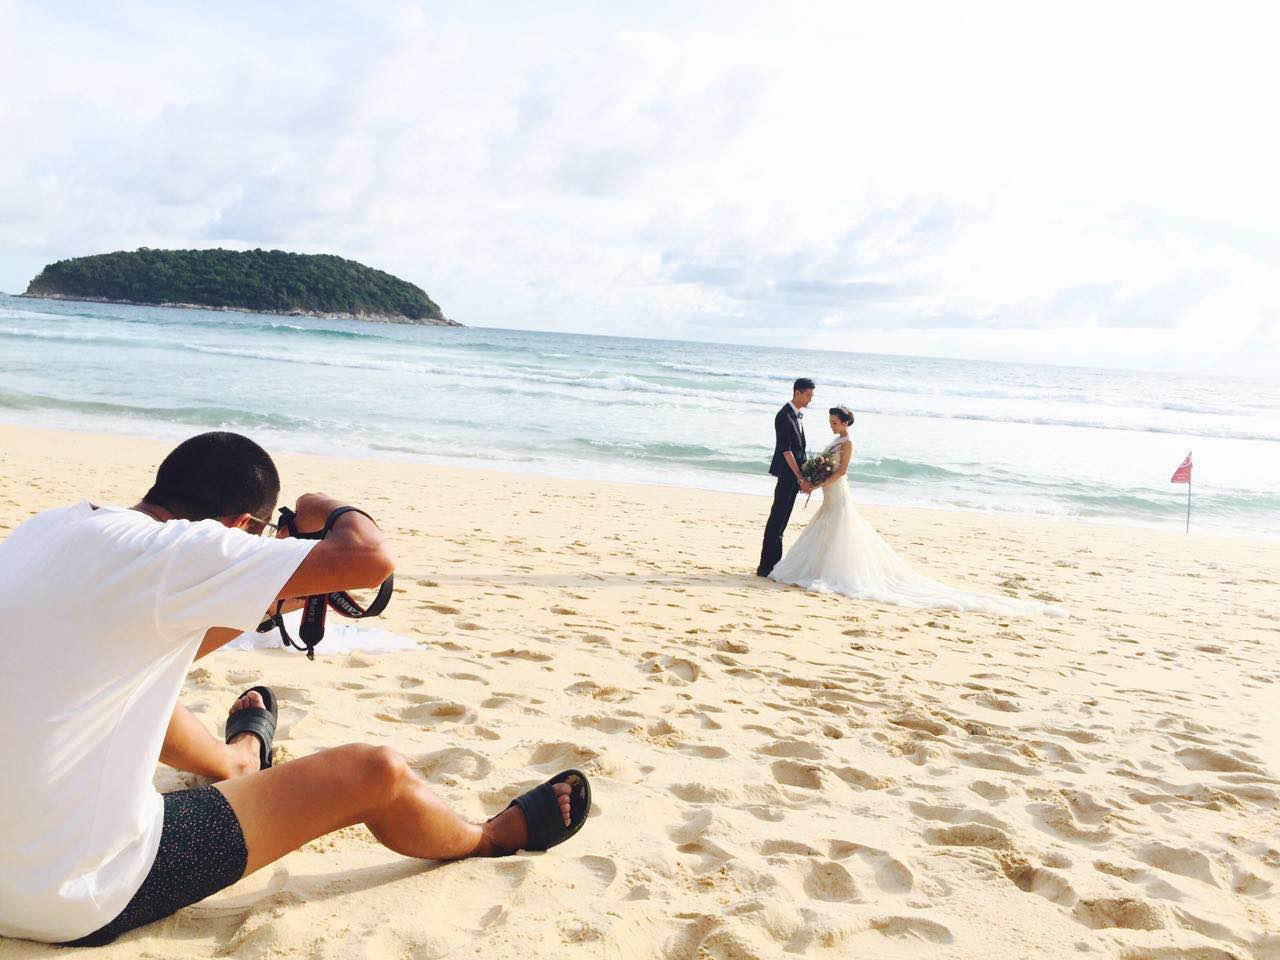 普吉岛韩式结婚照,婚纱摄影5日游,婚纱照最新游记,一辈子回忆